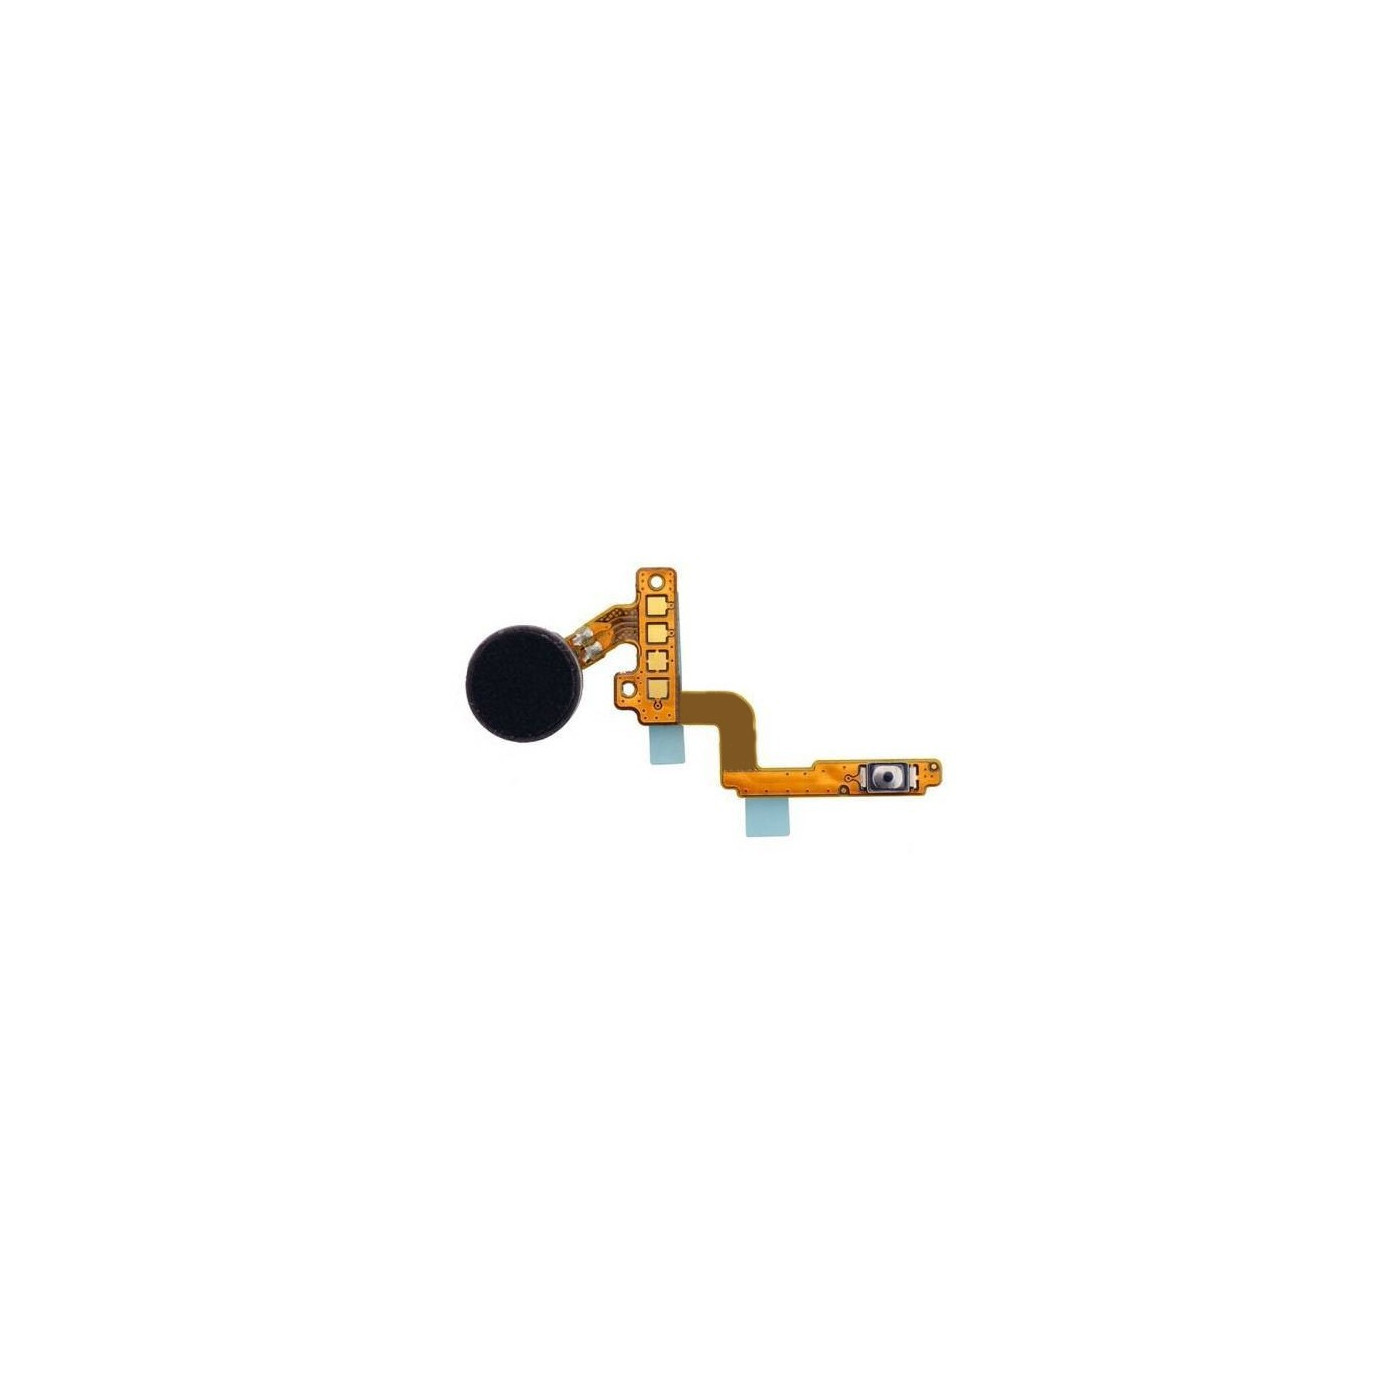 Vibrationsmotor + Ein-Aus-Taste für Samsung Galaxy Note 4 N910F